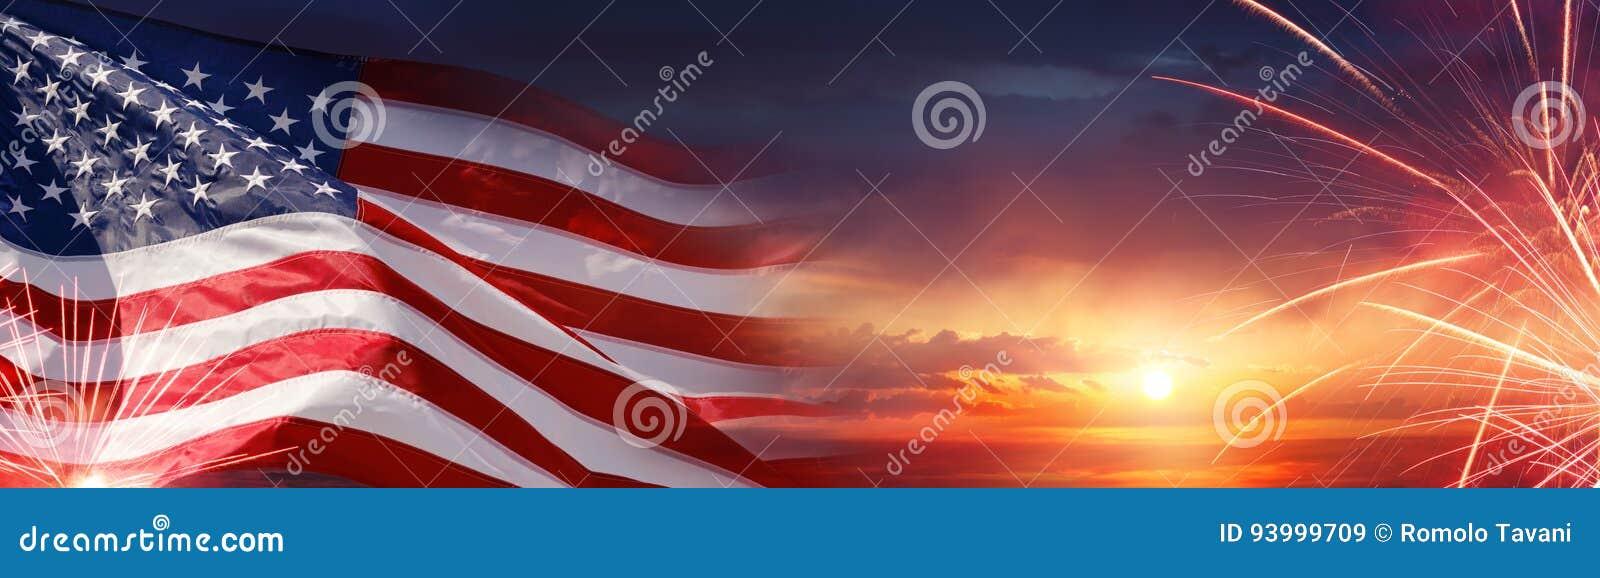 Celebrazione americana - bandiera e fuochi d artificio degli S.U.A.